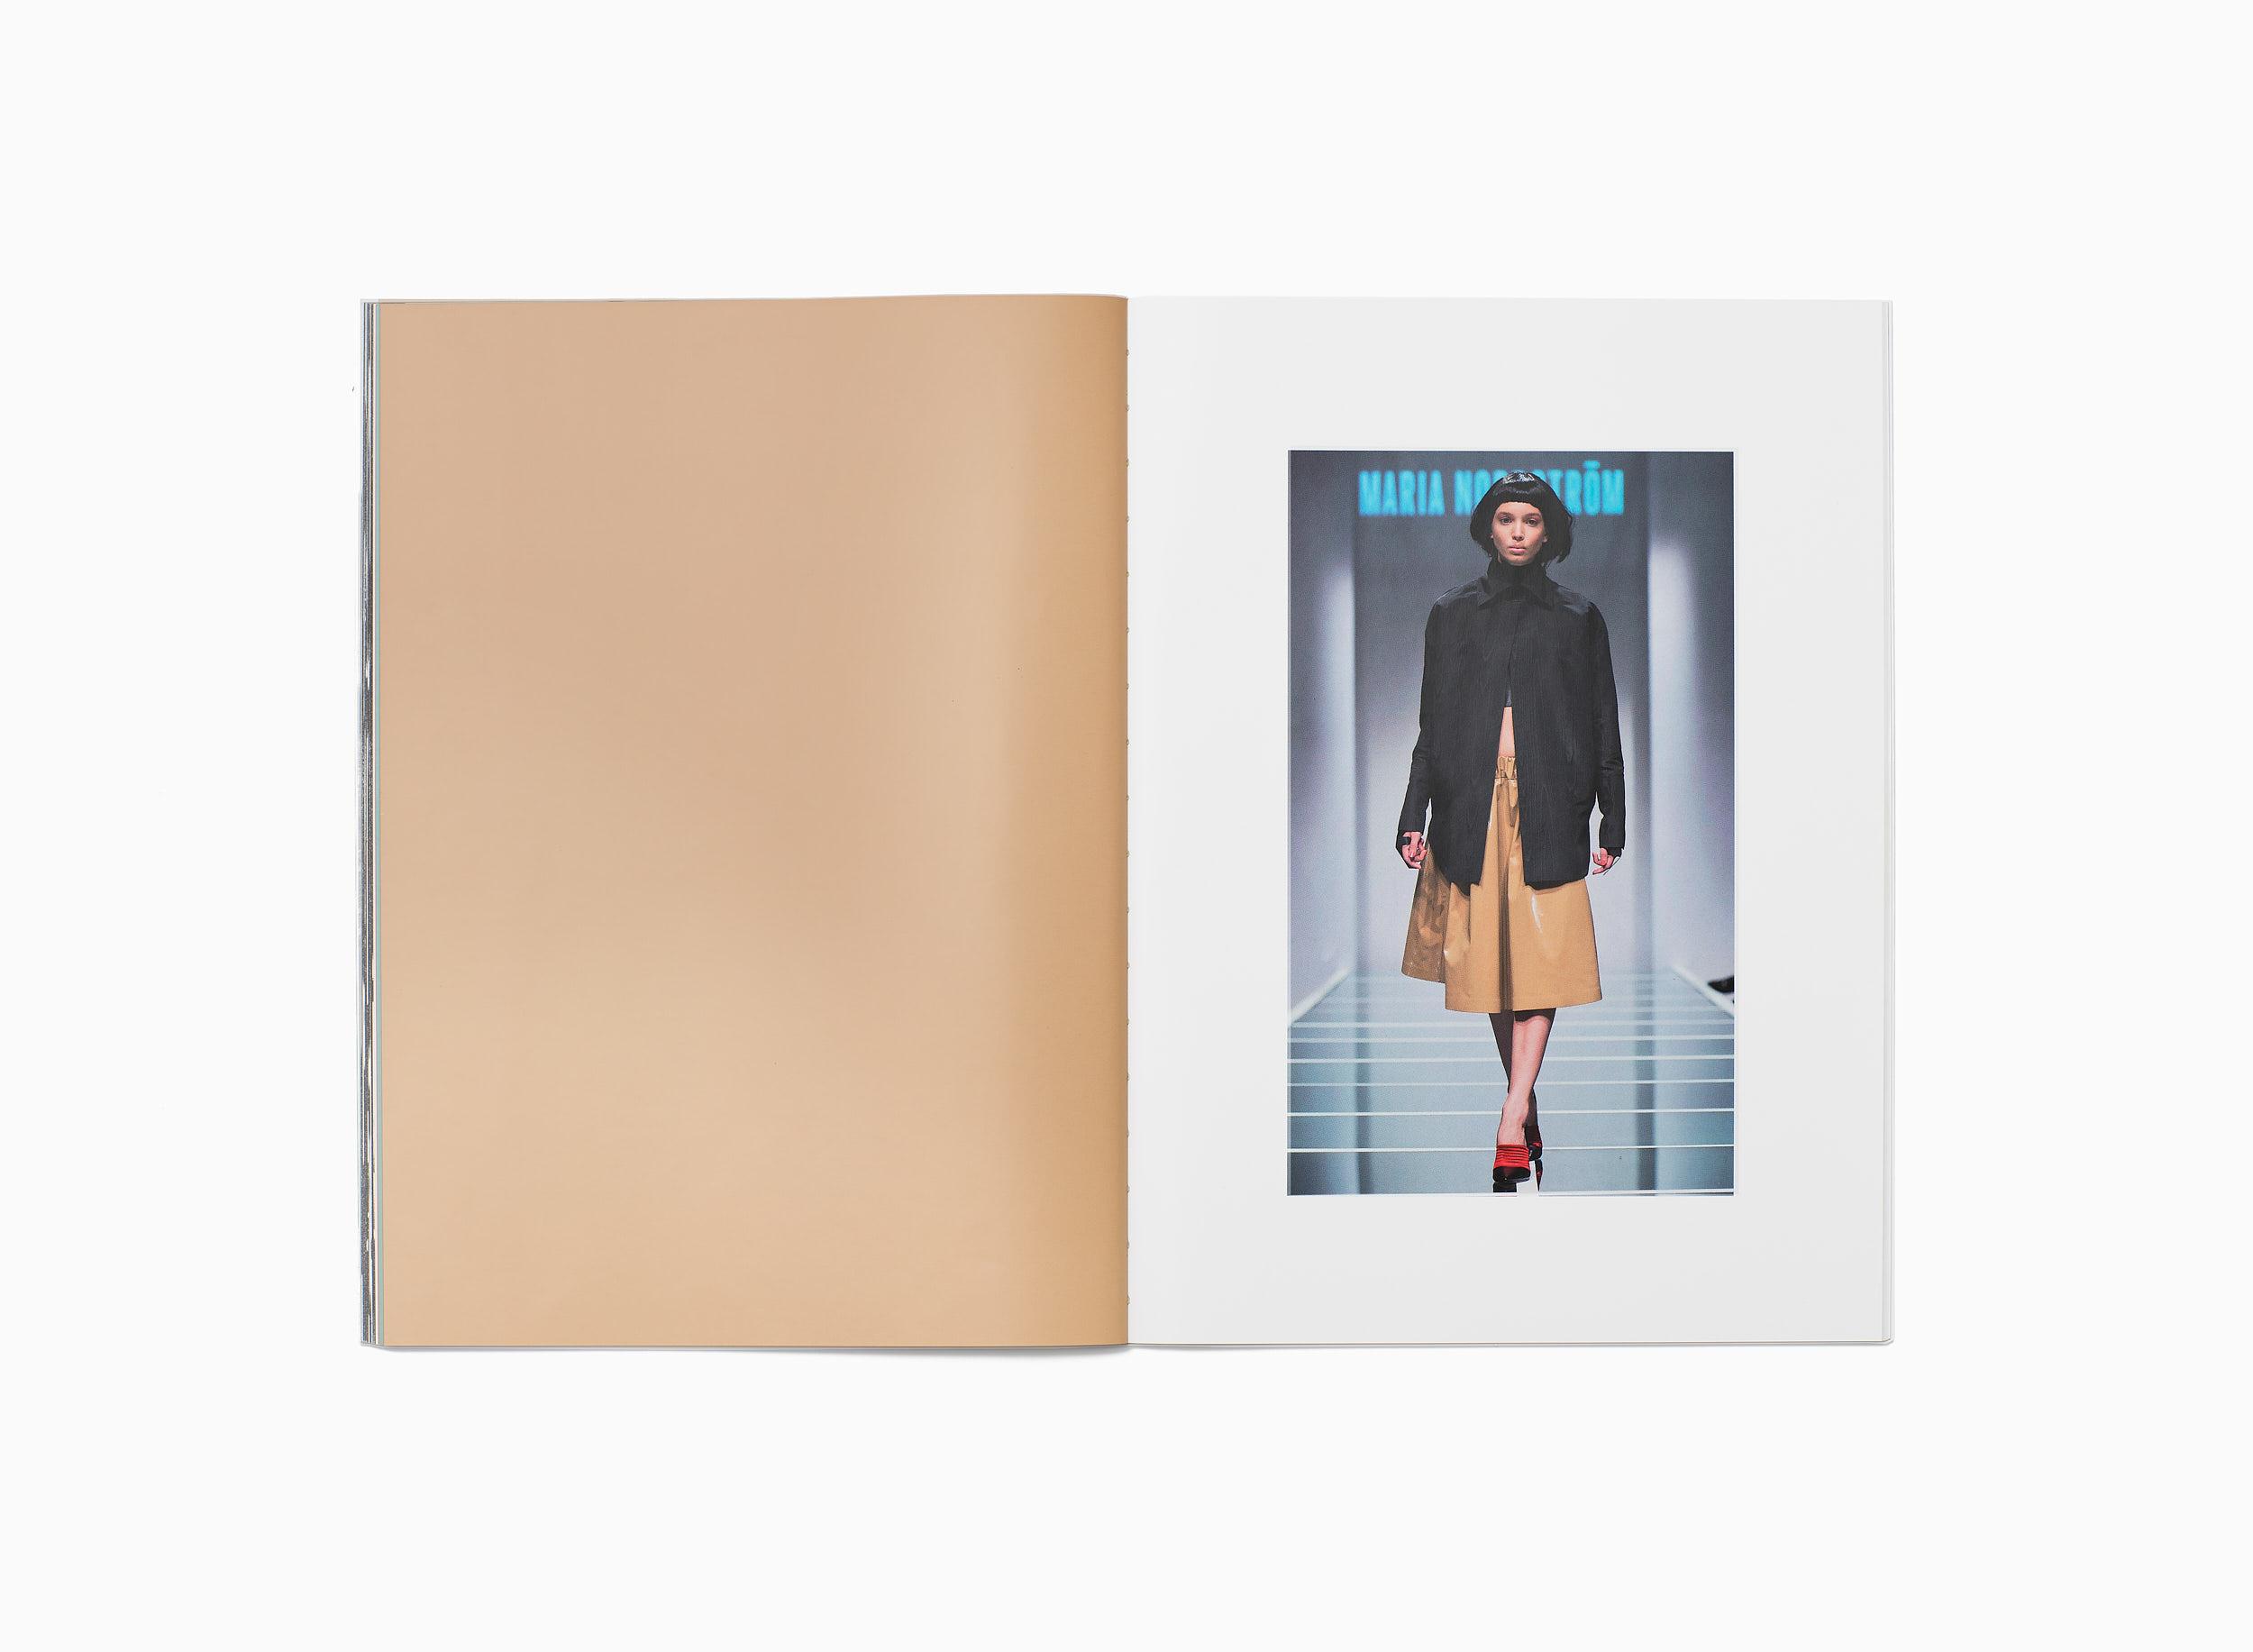 Mattias_Amnas_Essem_Design_product_catalogue_2018-031.jpg